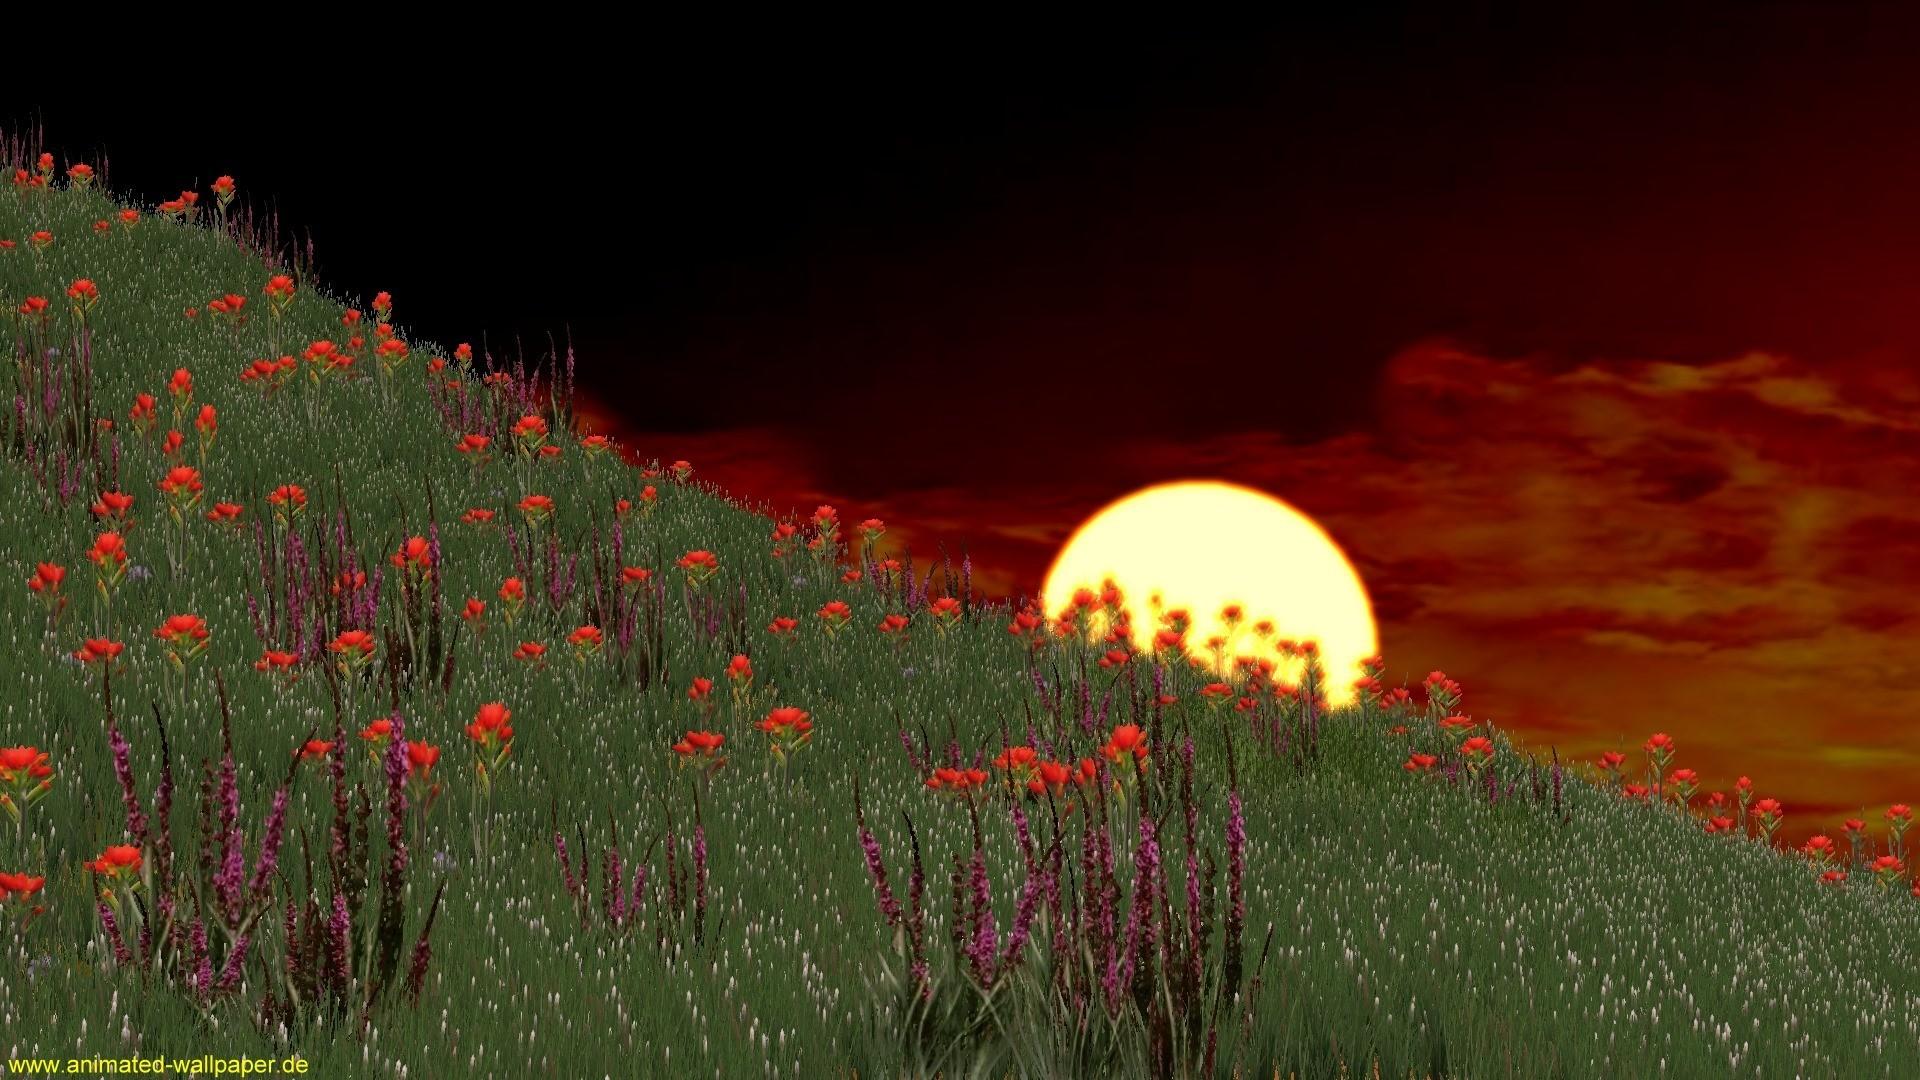 Res: 1920x1080,  Video Hintergründe   Animierte Hintergrundbilder animiert als  animated Video Wallpaper auf www.animated-